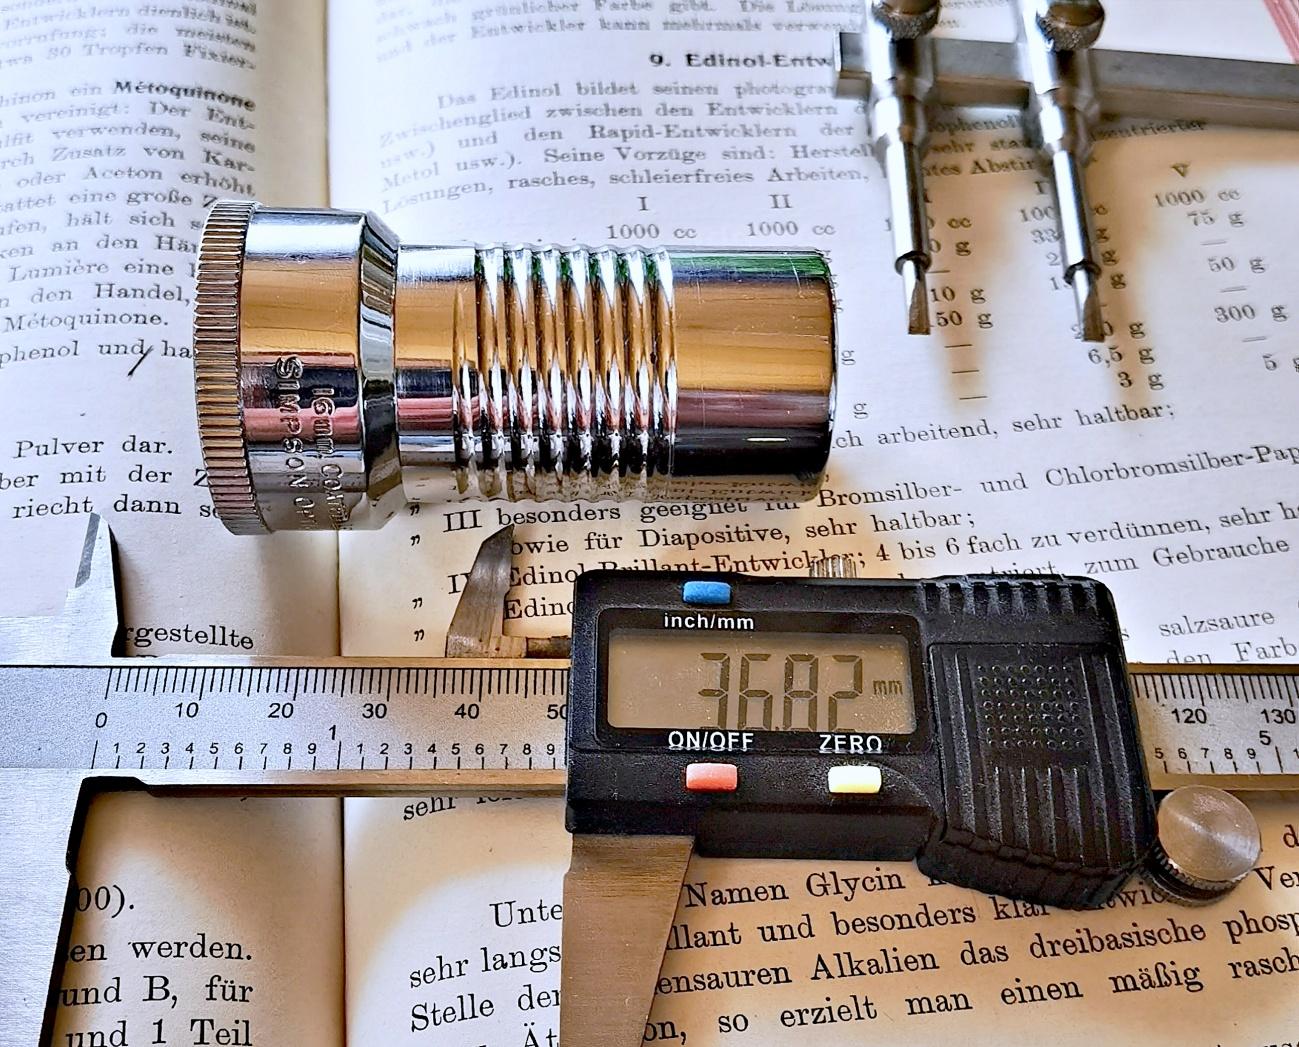 Das Simpson-Chicago f1.6 51mm (2 inch) wird readaptiert #1